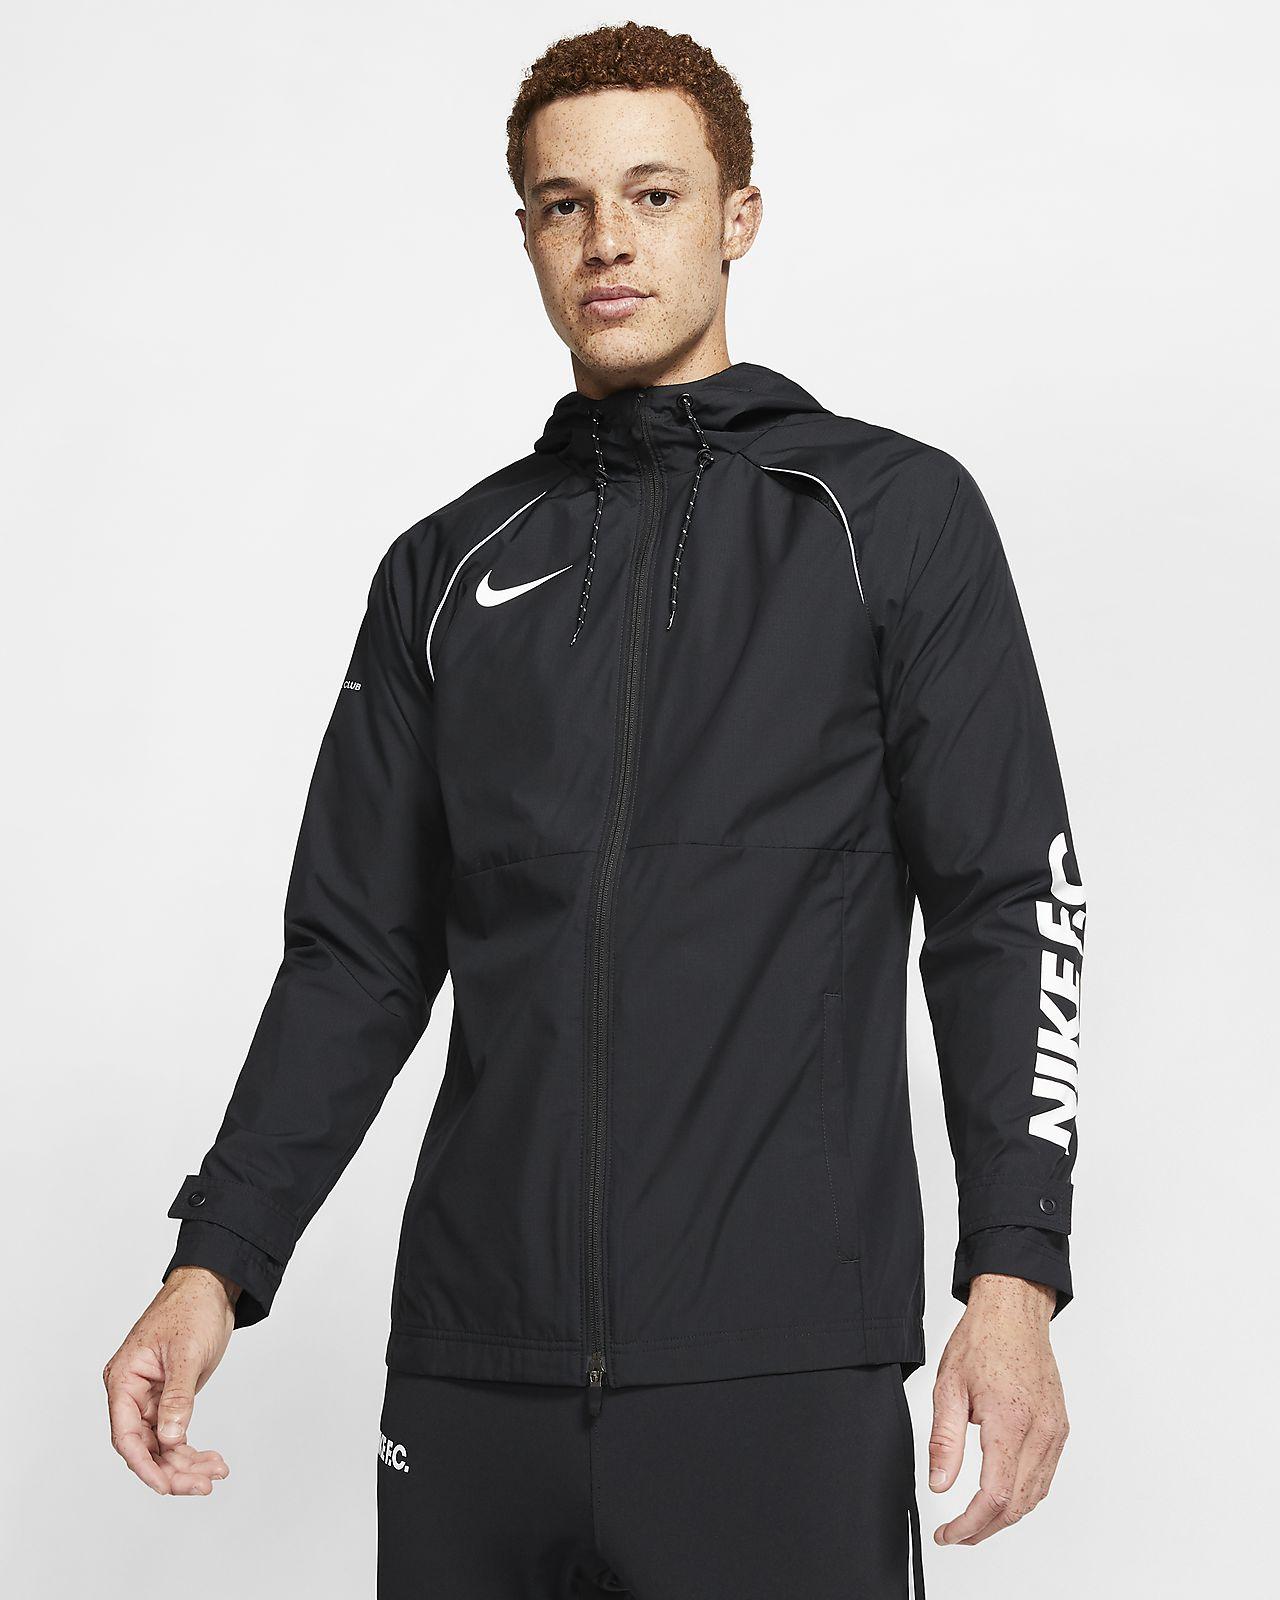 Pánská fotbalová bunda Nike F.C. All Weather Fan